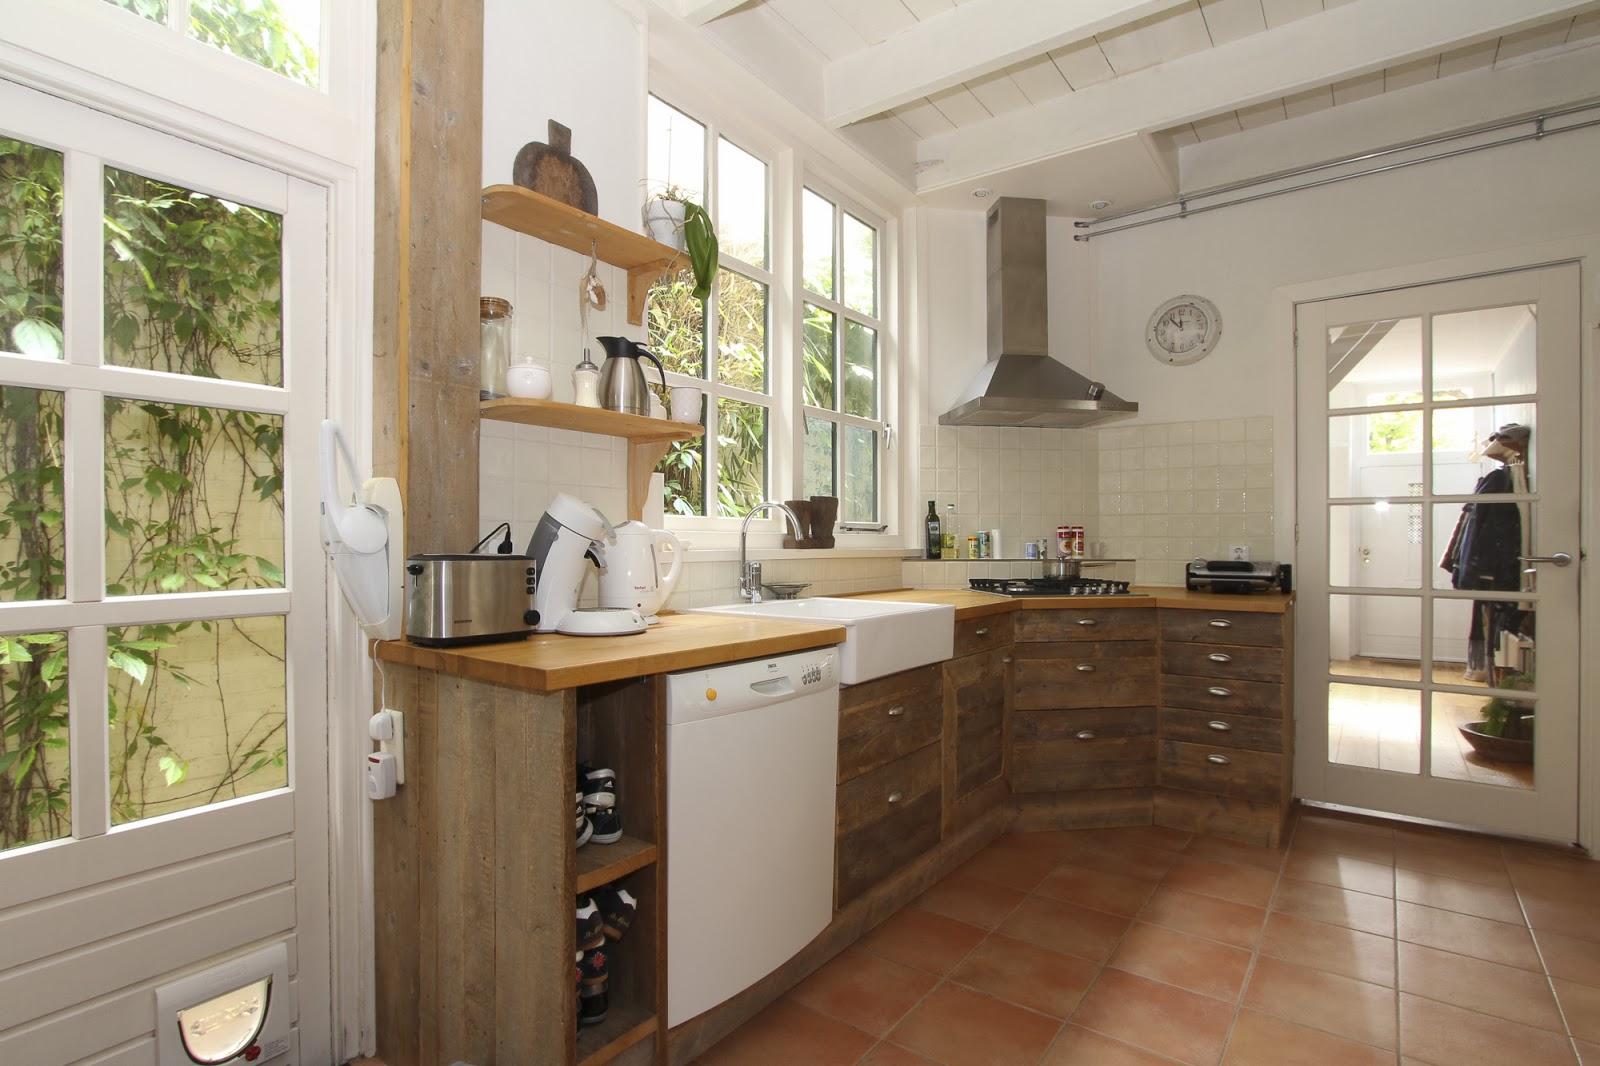 No 77 binnenkijker drie huisjes buitenwijkjes - Hoe dicht een open keuken ...